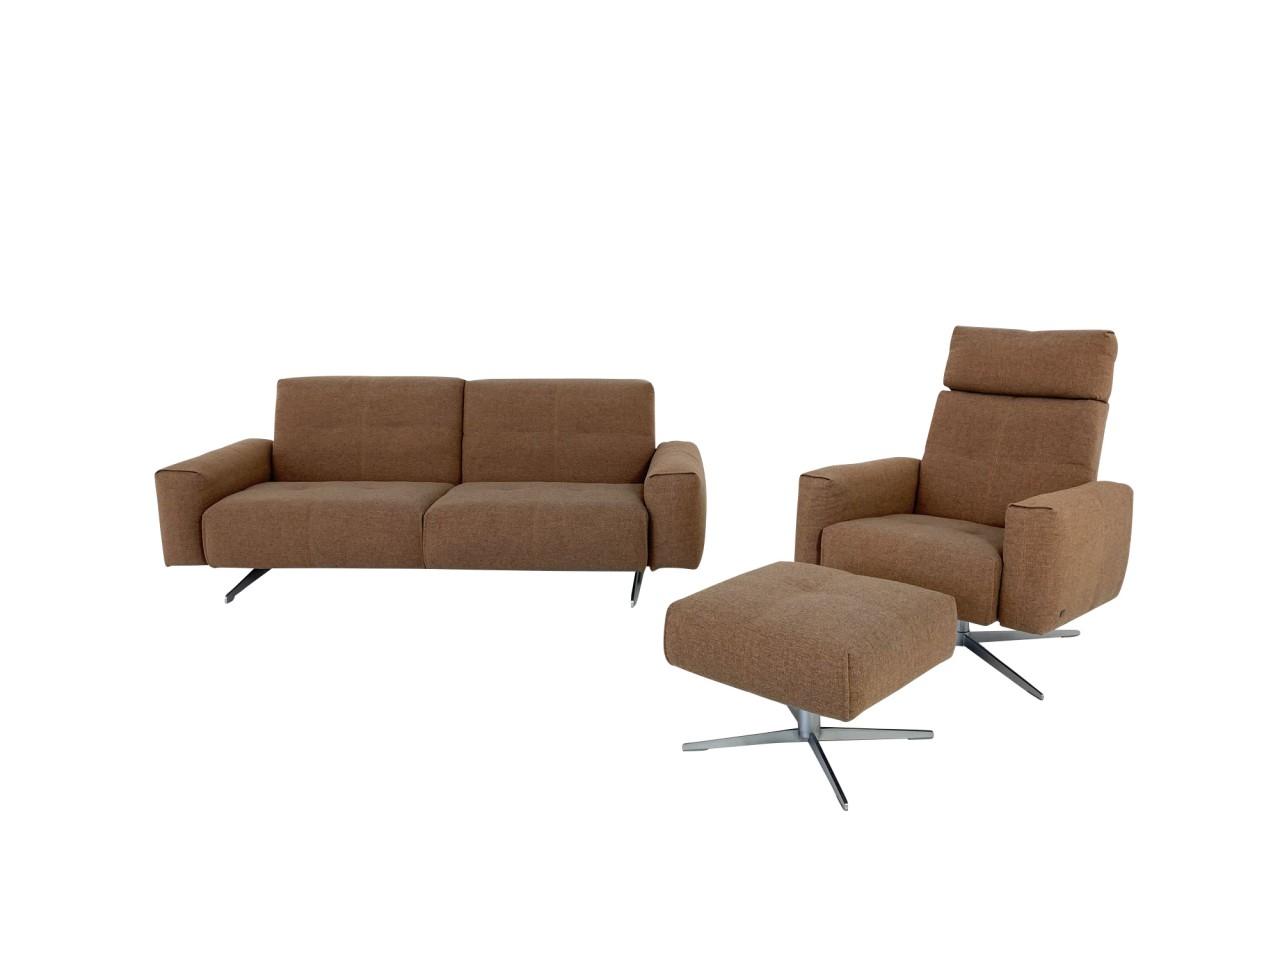 Rolf Benz RB 50 Sofa und Sessel Garnitur mit Hocker in Stoff orangebraun mit Funktion